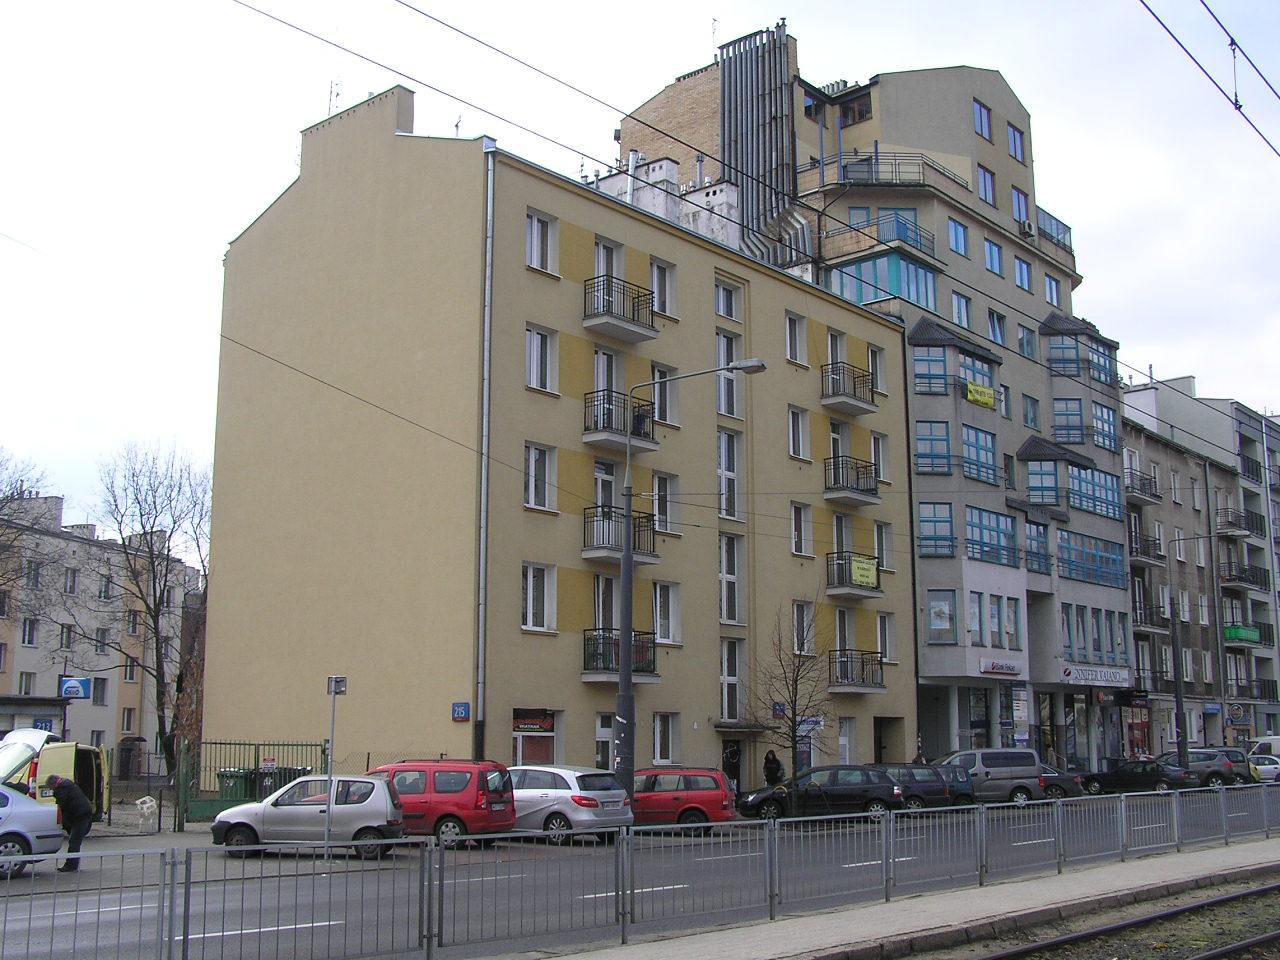 Kamienica przy ulicy Grochowskiej 215 na Grochowie.